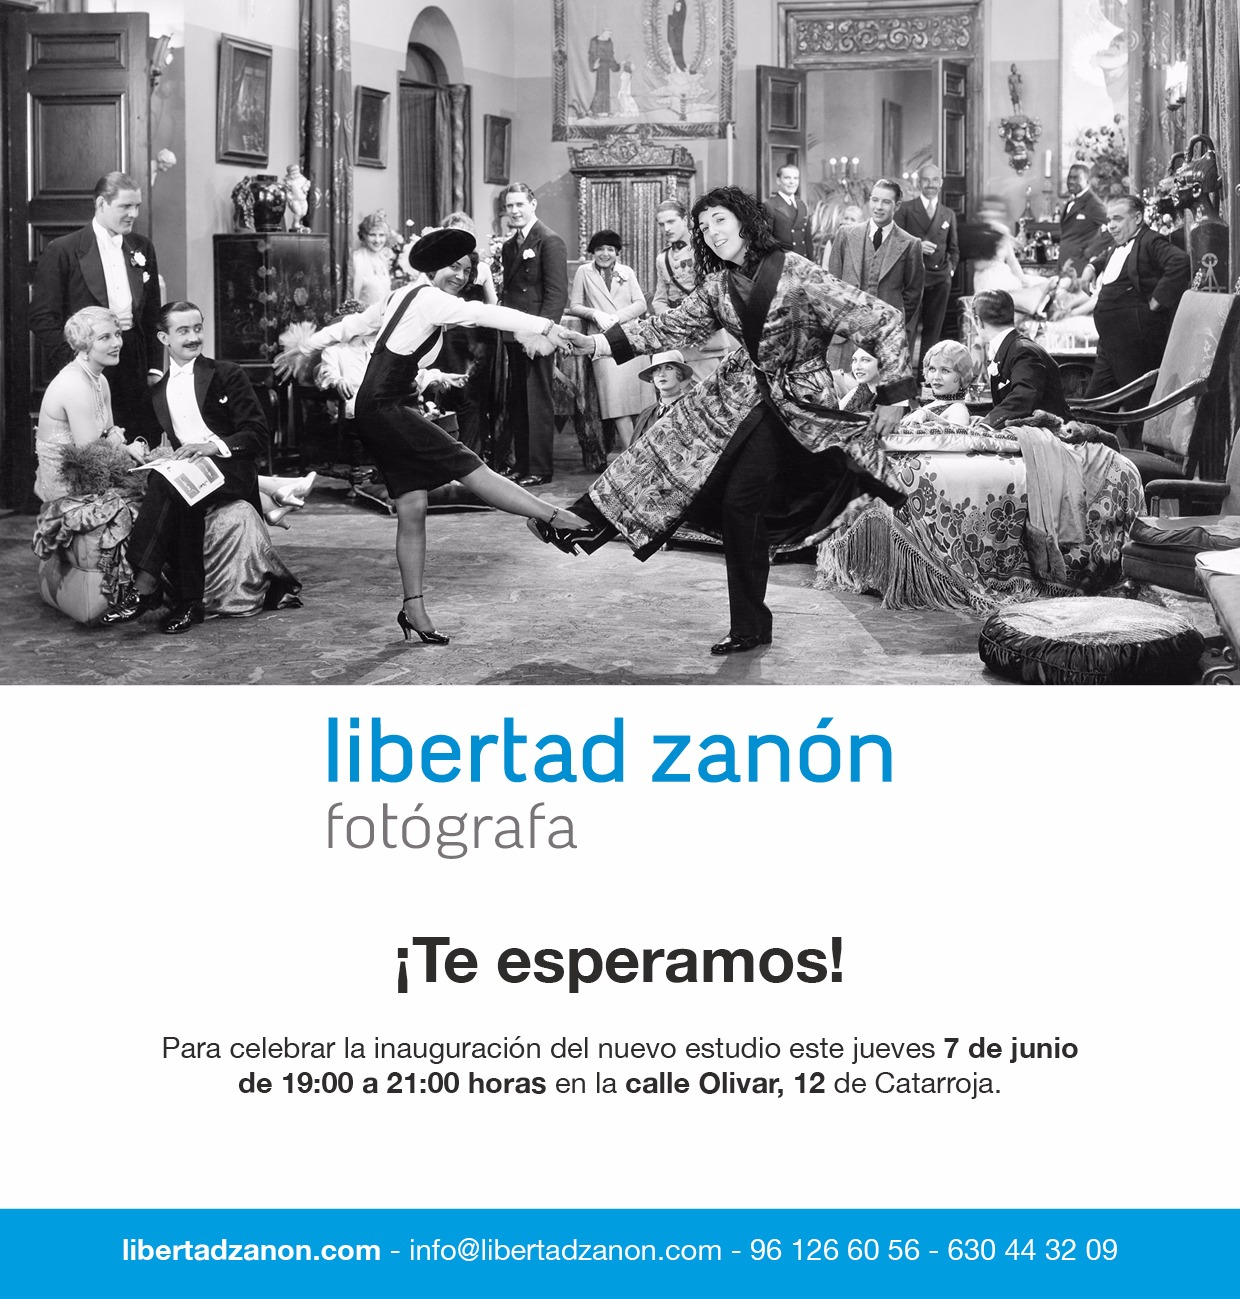 invitación de la inauguración de Aliques y Libertad zanón fotógrafa